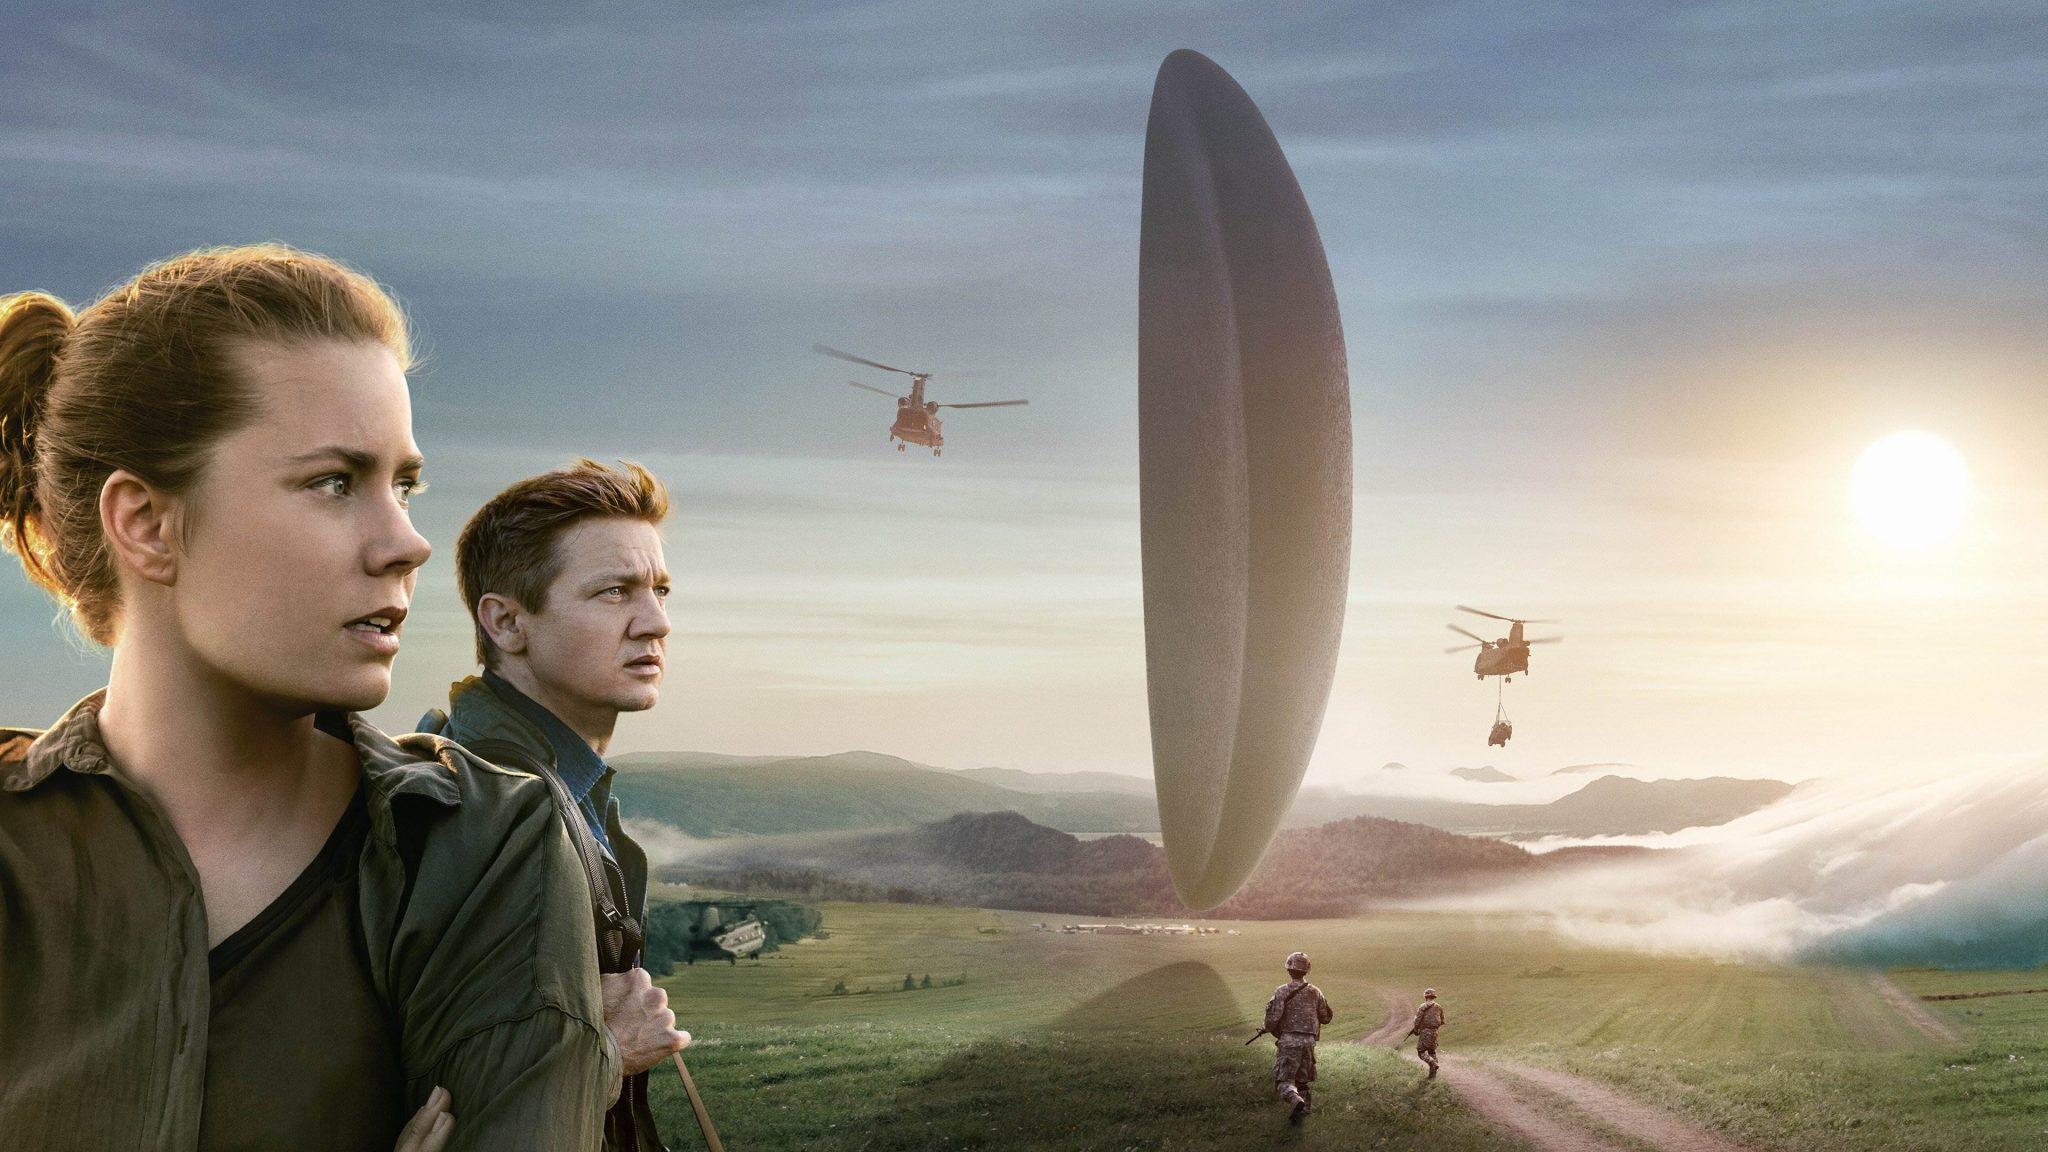 «Прибытие» (2016) — один из лучших фильмов научной фантастики последних лет